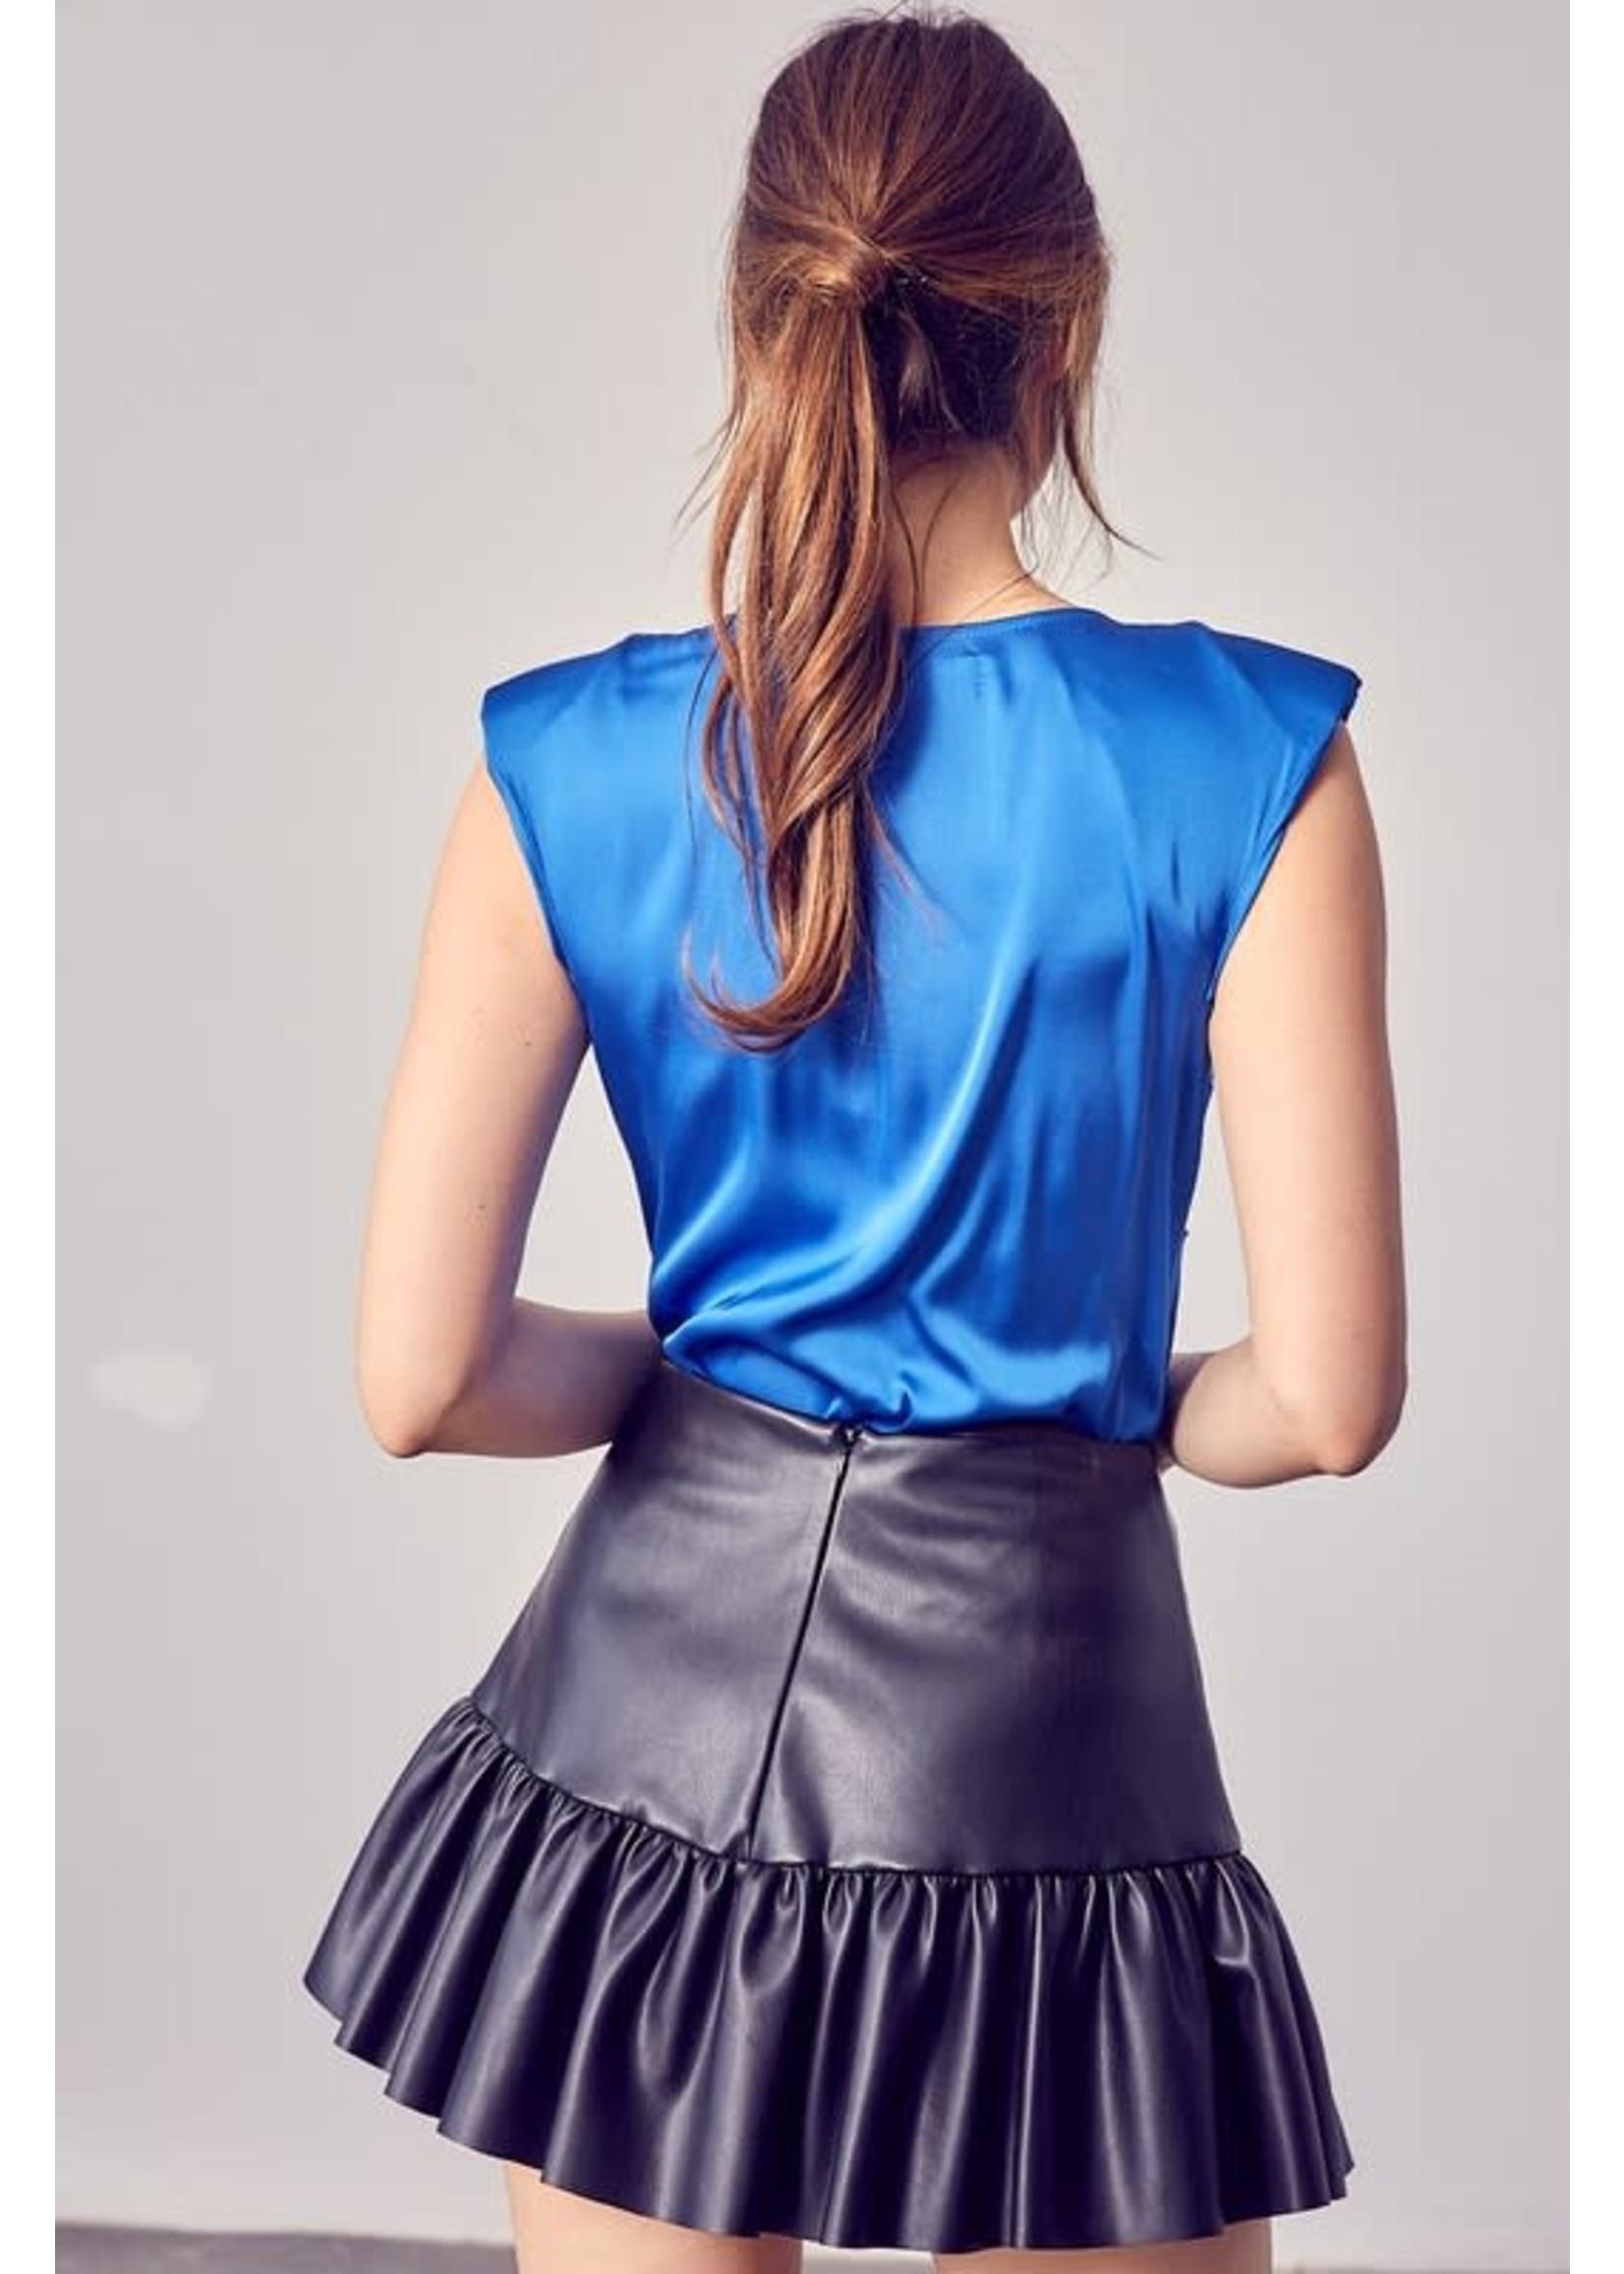 DO + BE V-Neck Bodysuit - Y20801